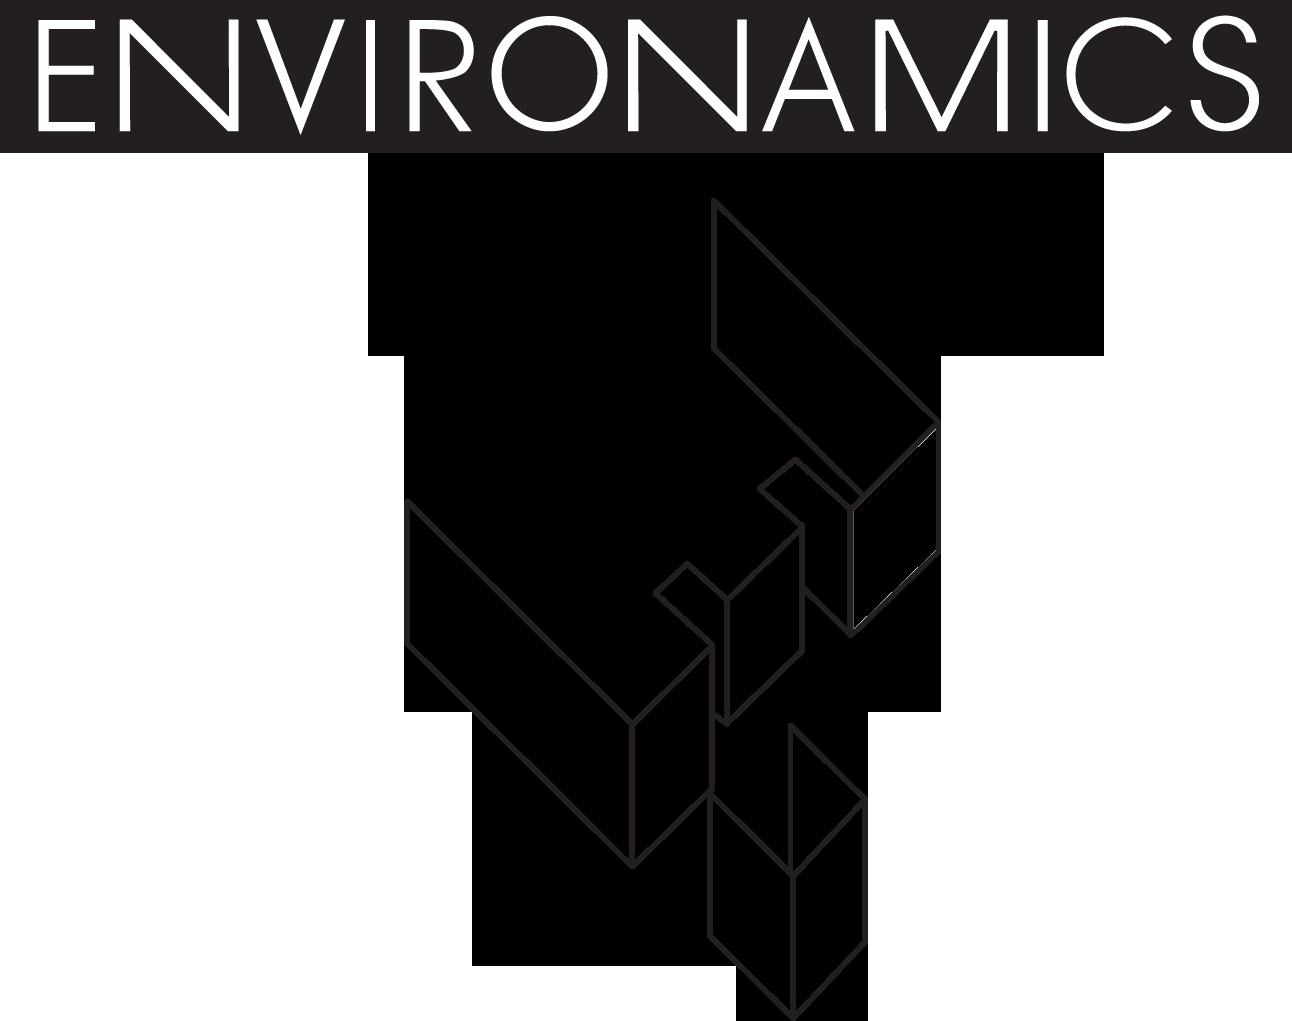 Environamics